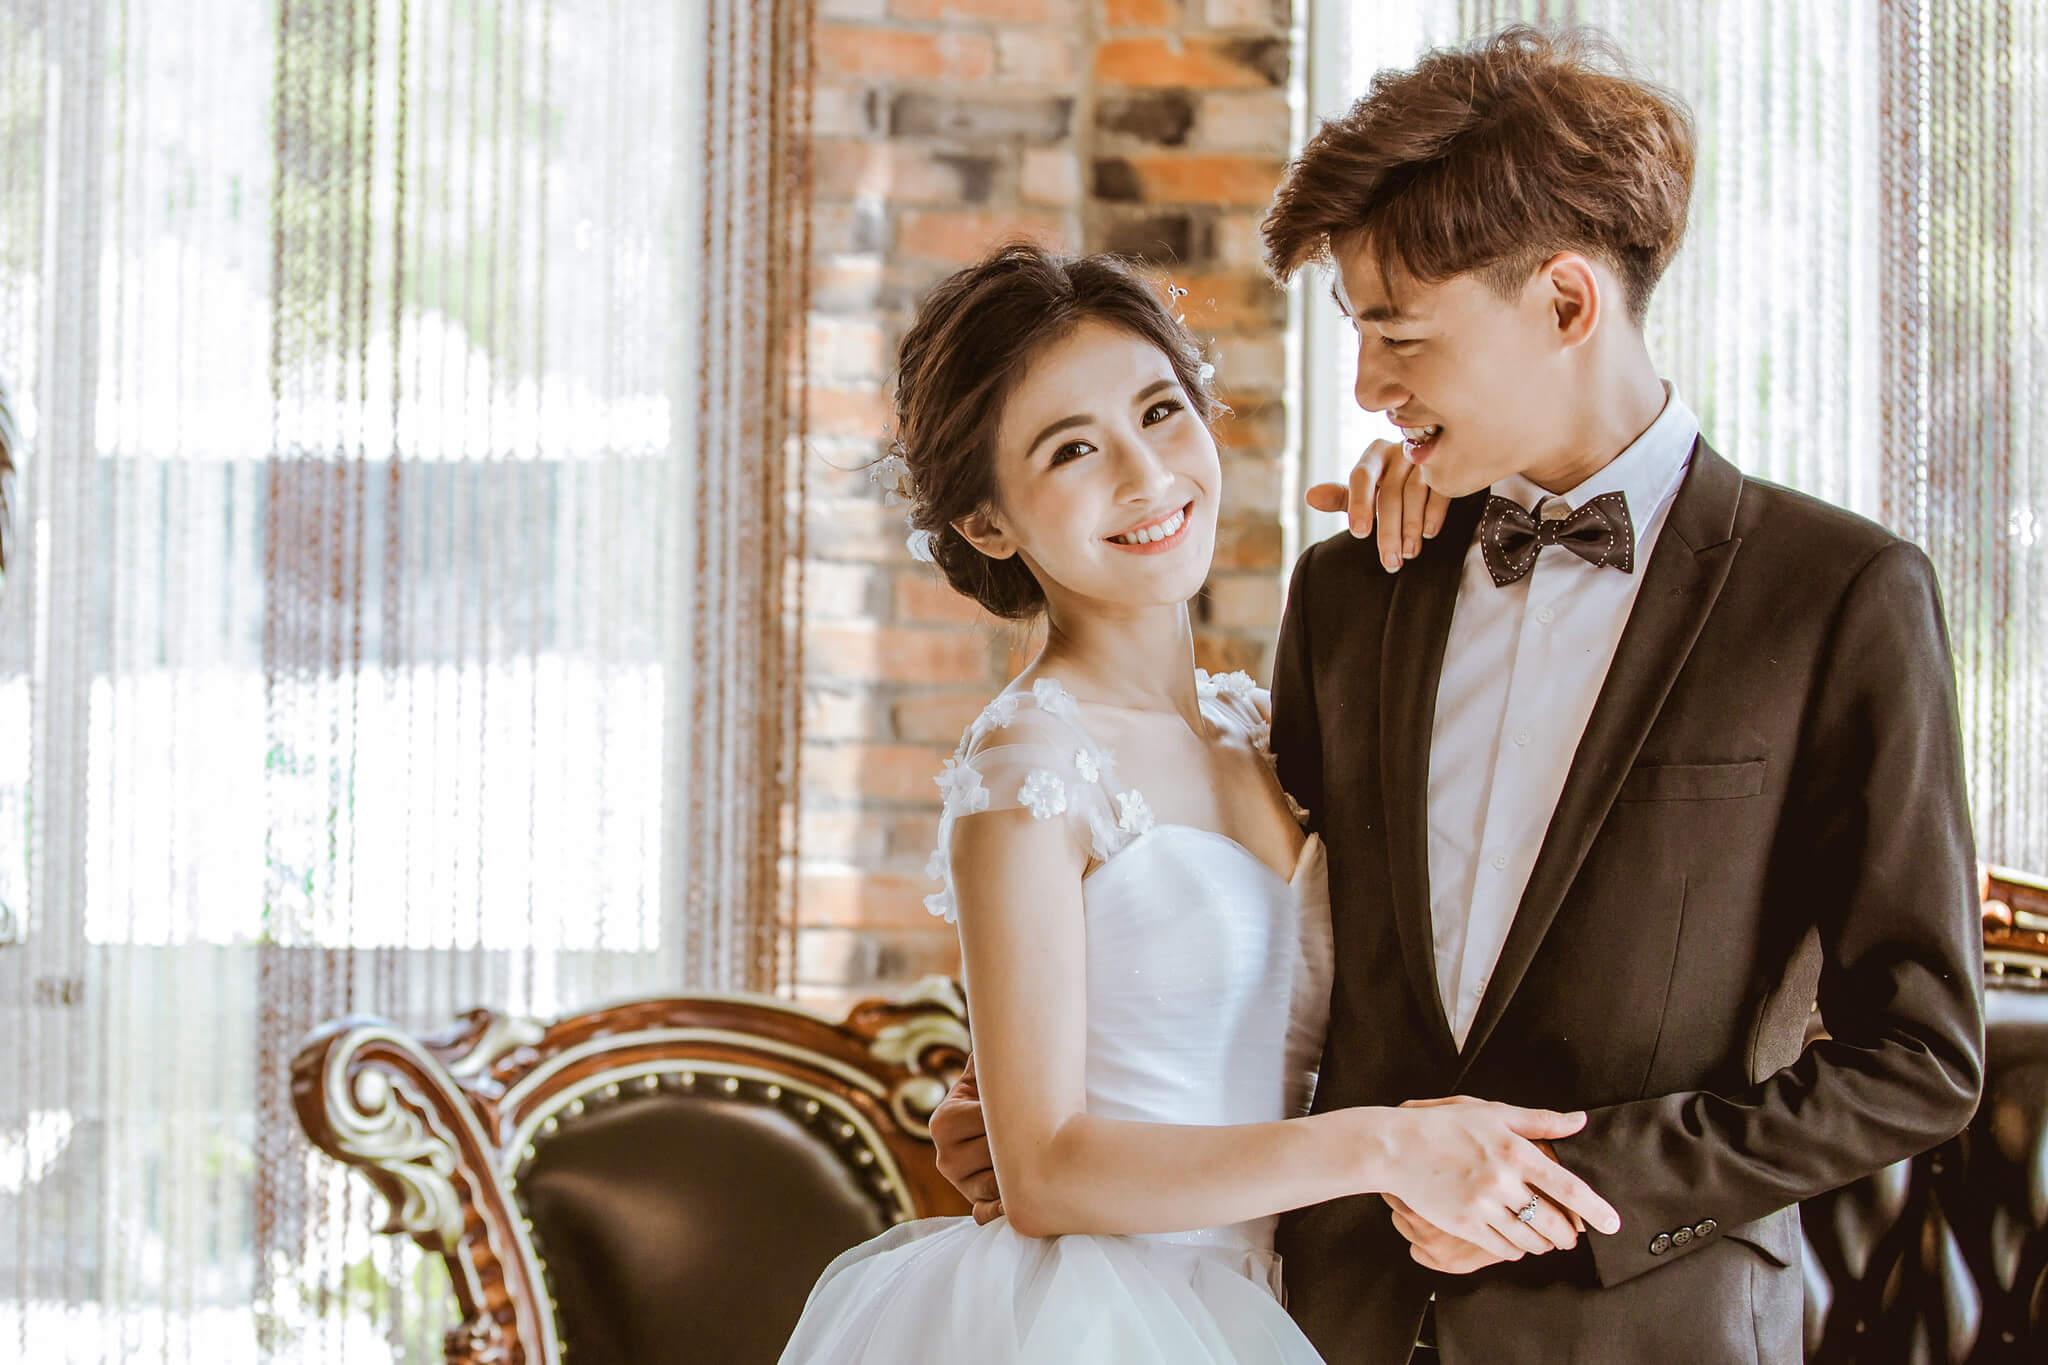 助婚紗,婚紗攝影,婚紗照,台北婚紗工作室,韓風婚紗,棚拍婚紗,自然婚紗,清新婚紗,婚紗攝影作品